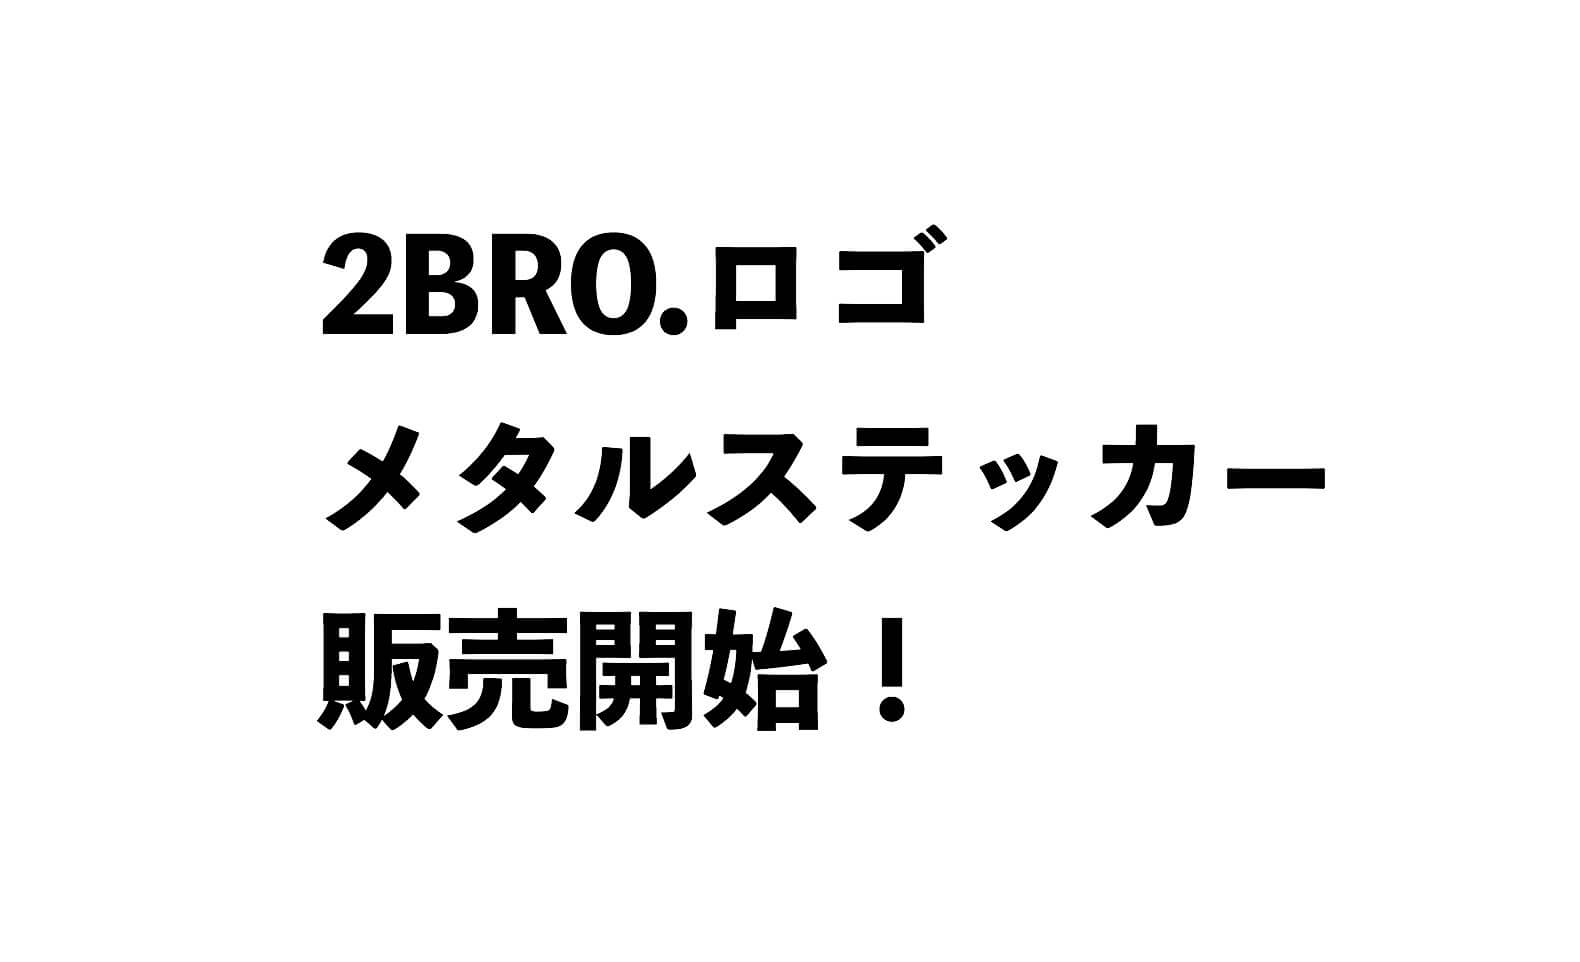 2BROロゴメタルステッカー